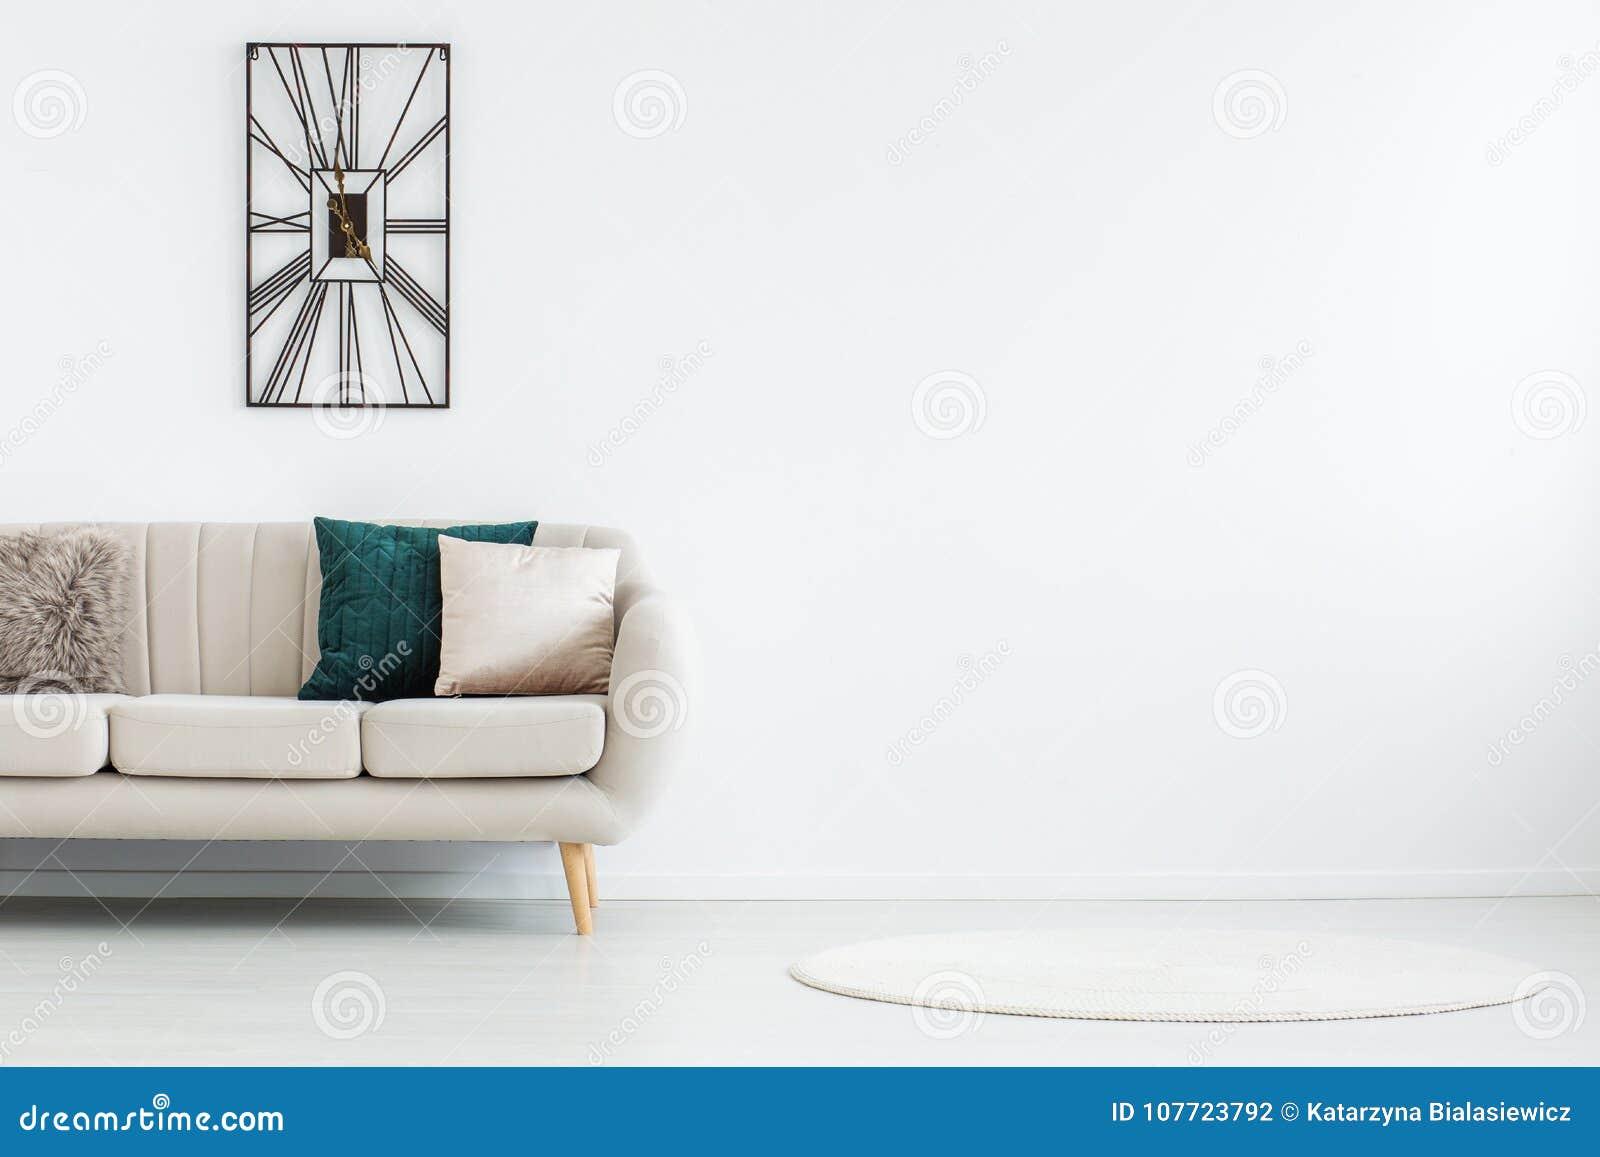 Couverture ronde dans la chambre vide